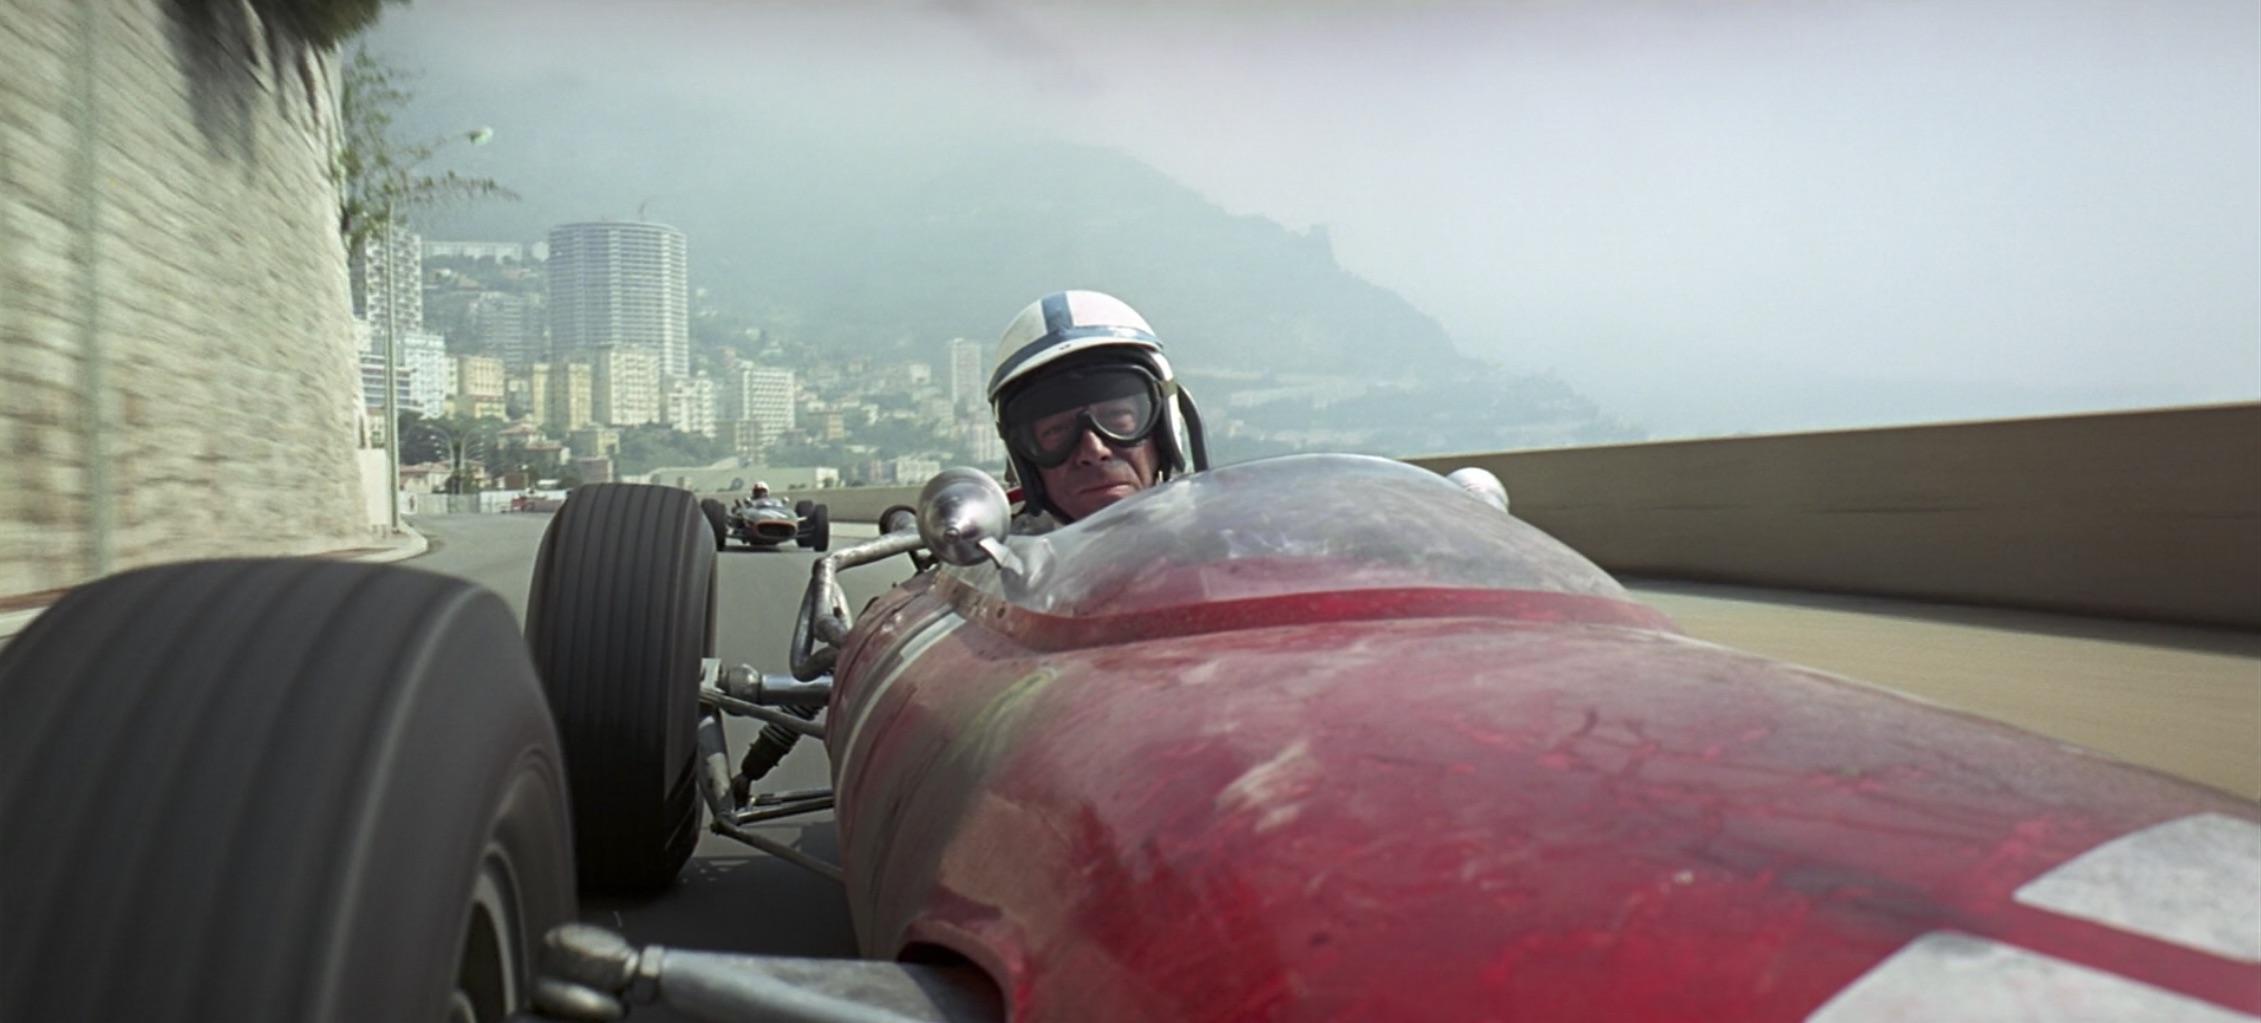 Grand Prix monaco ferrari race